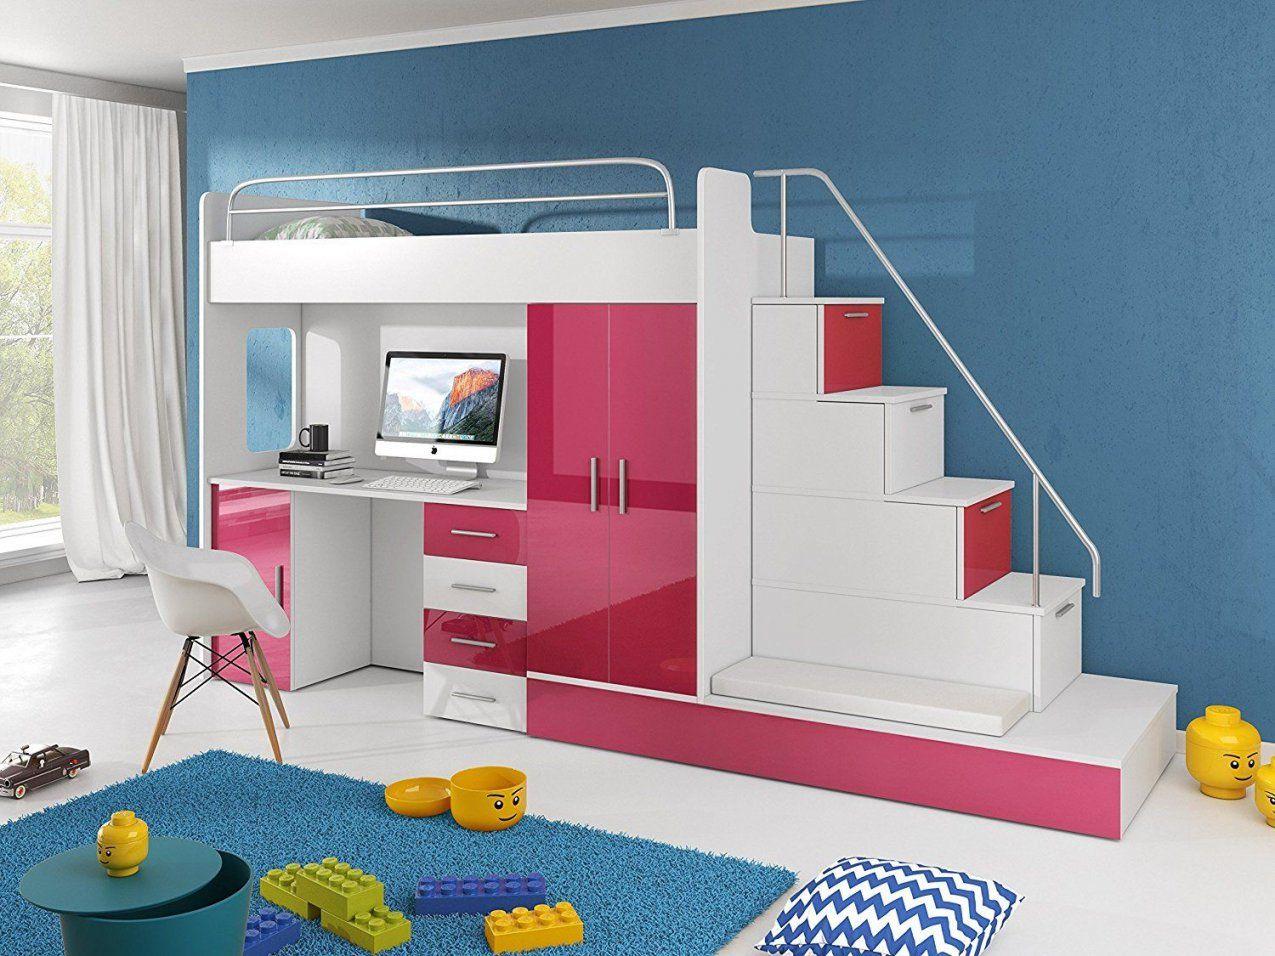 Ein Blickfang Im Kinderzimmer Ist Dieses Einzigartige Hochbett Mit von Hochbett Mit Treppe Und Schreibtisch Bild